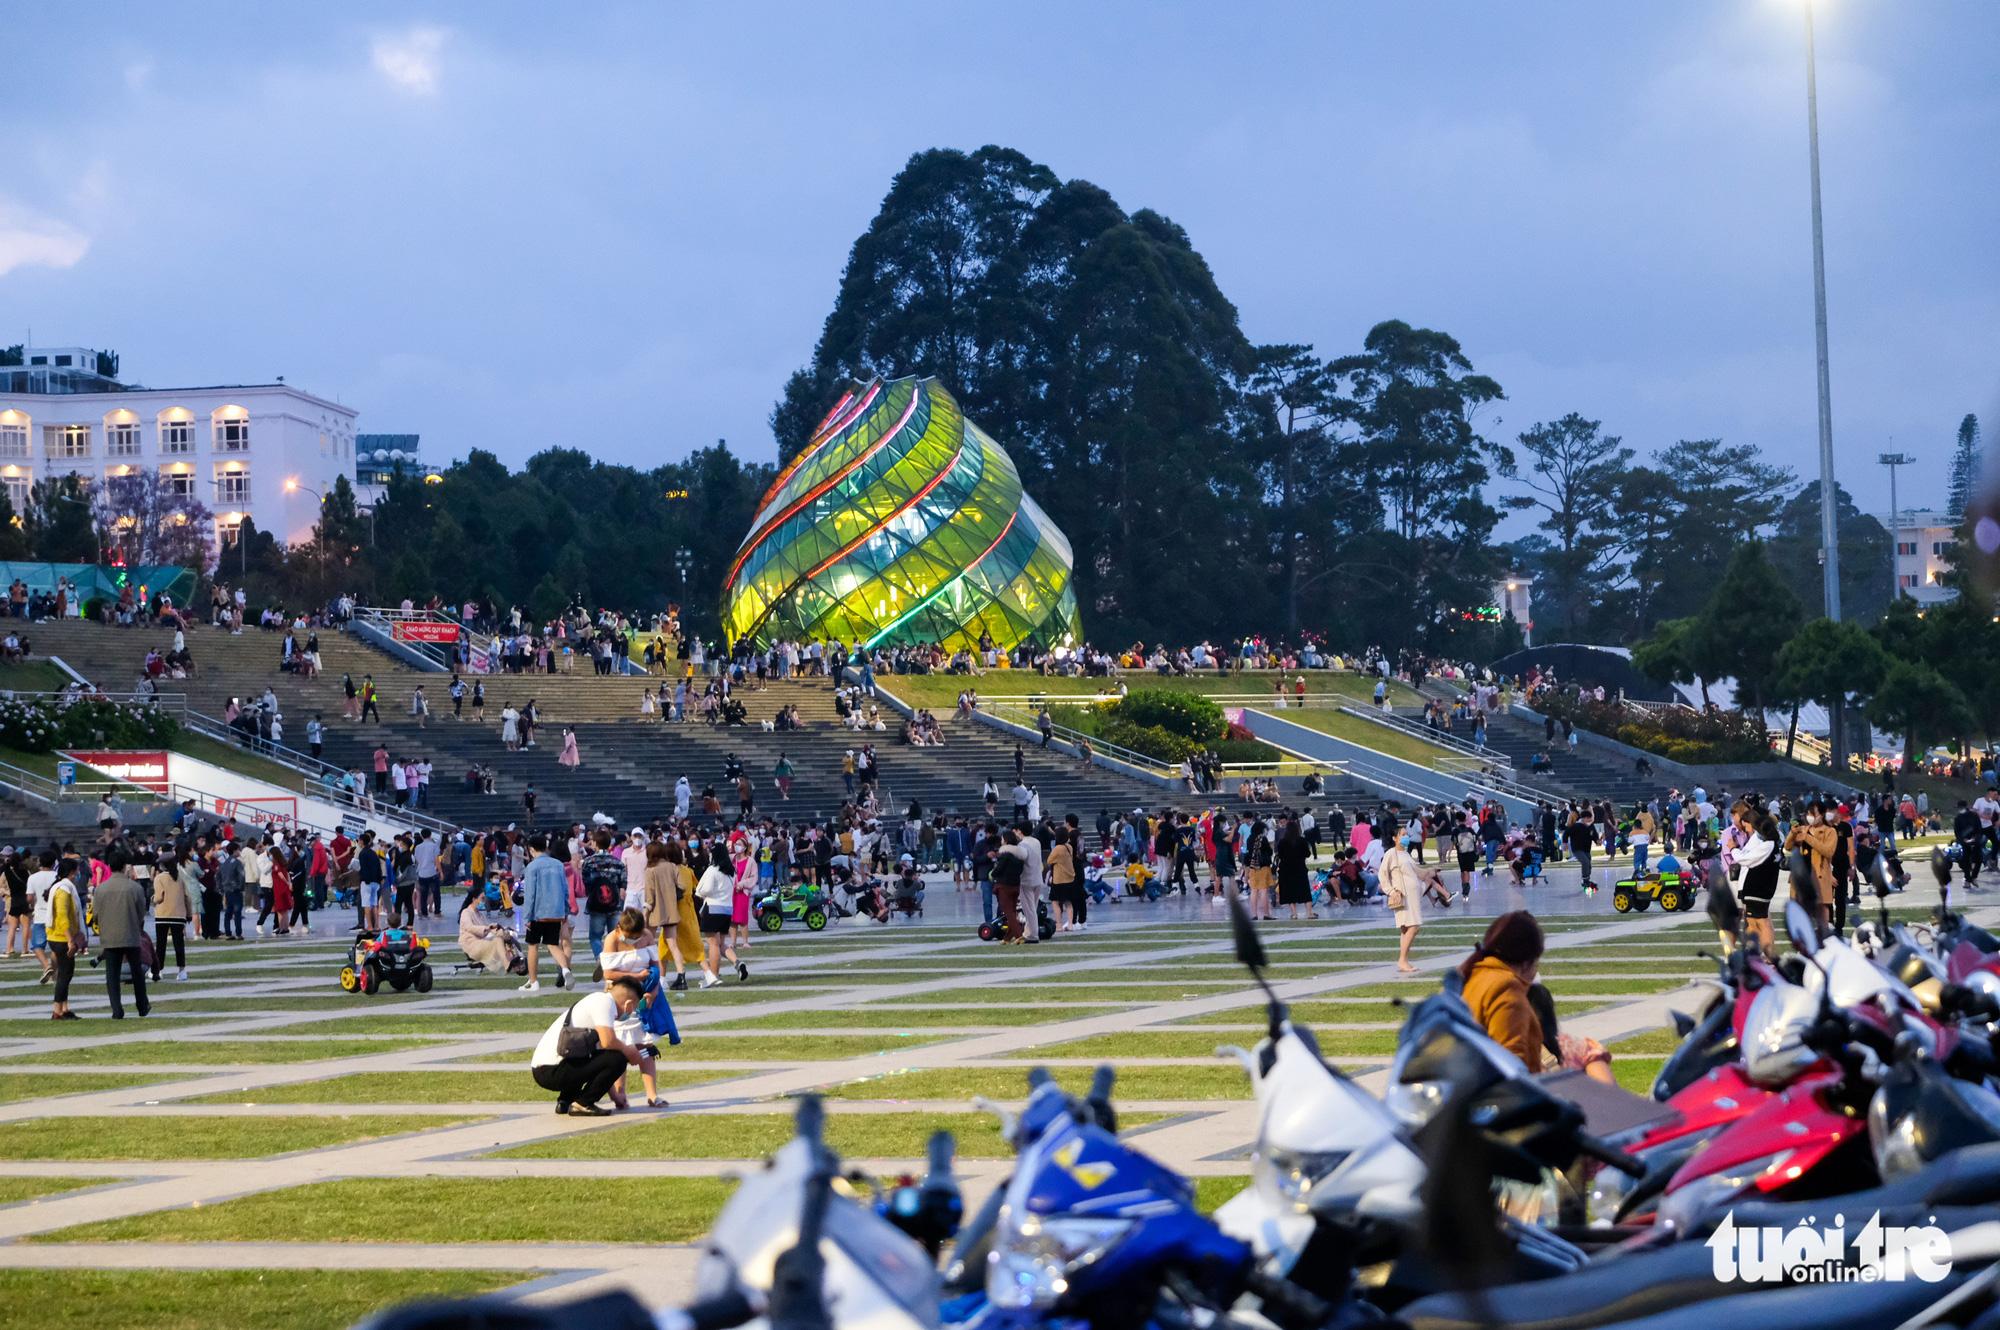 179 ca F1, Lâm Đồng cho học sinh nghỉ học, kêu gọi du khách hạn chế đến Đà Lạt - Ảnh 2.